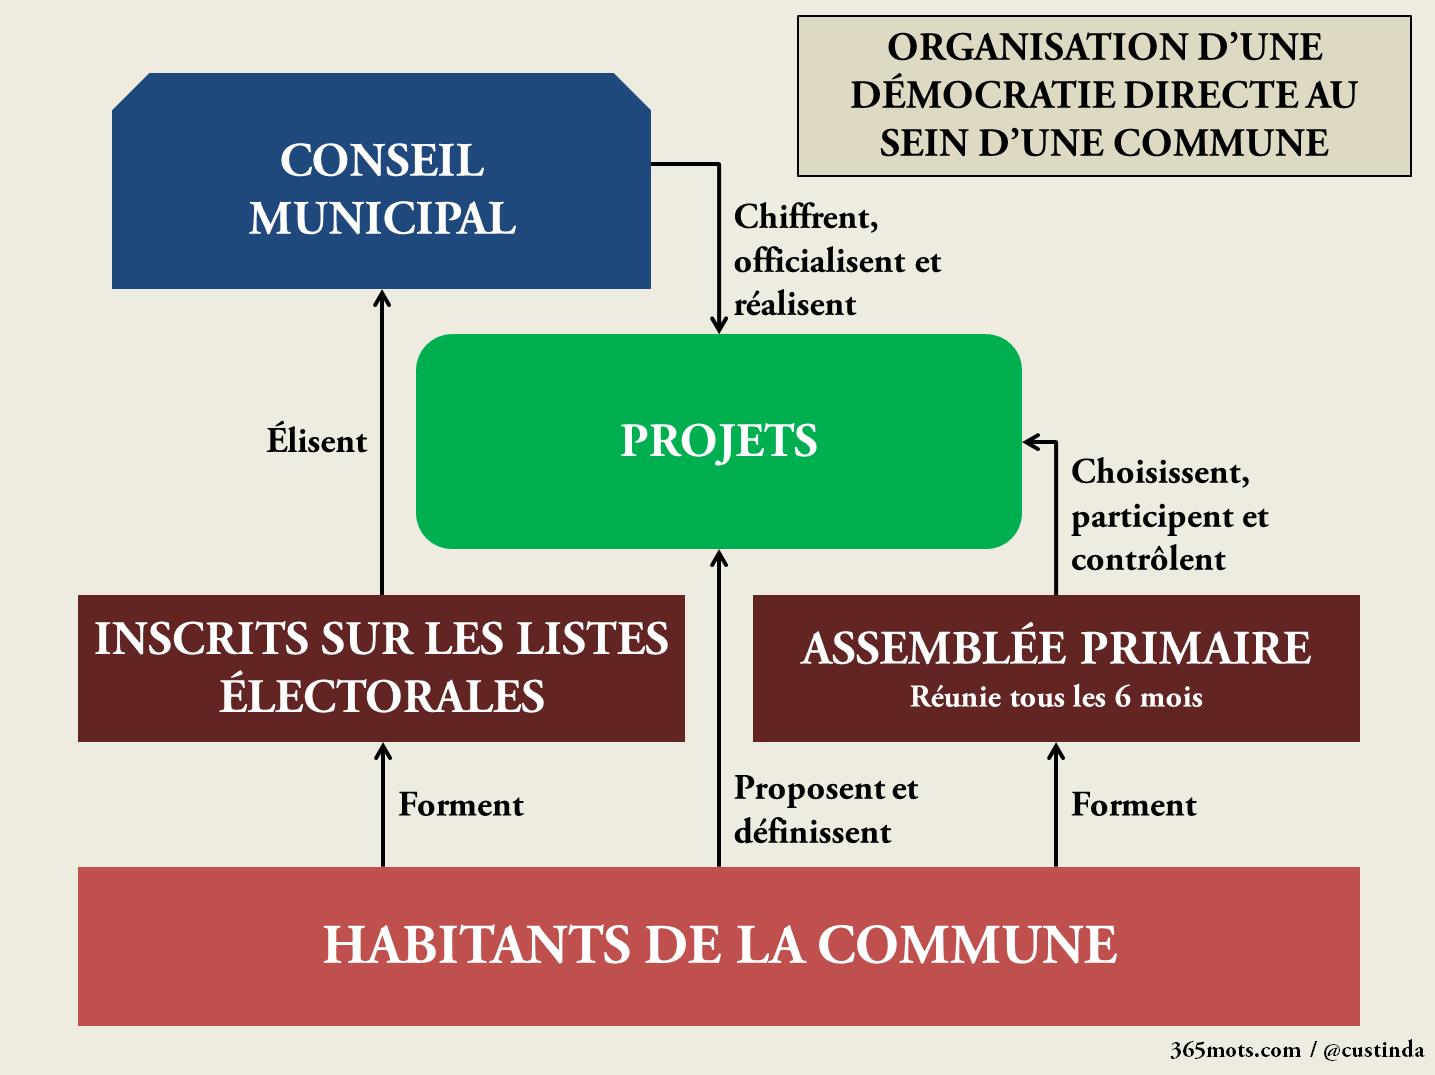 Citaten Democratie Directe : Petit manuel de démocratie directe à destination